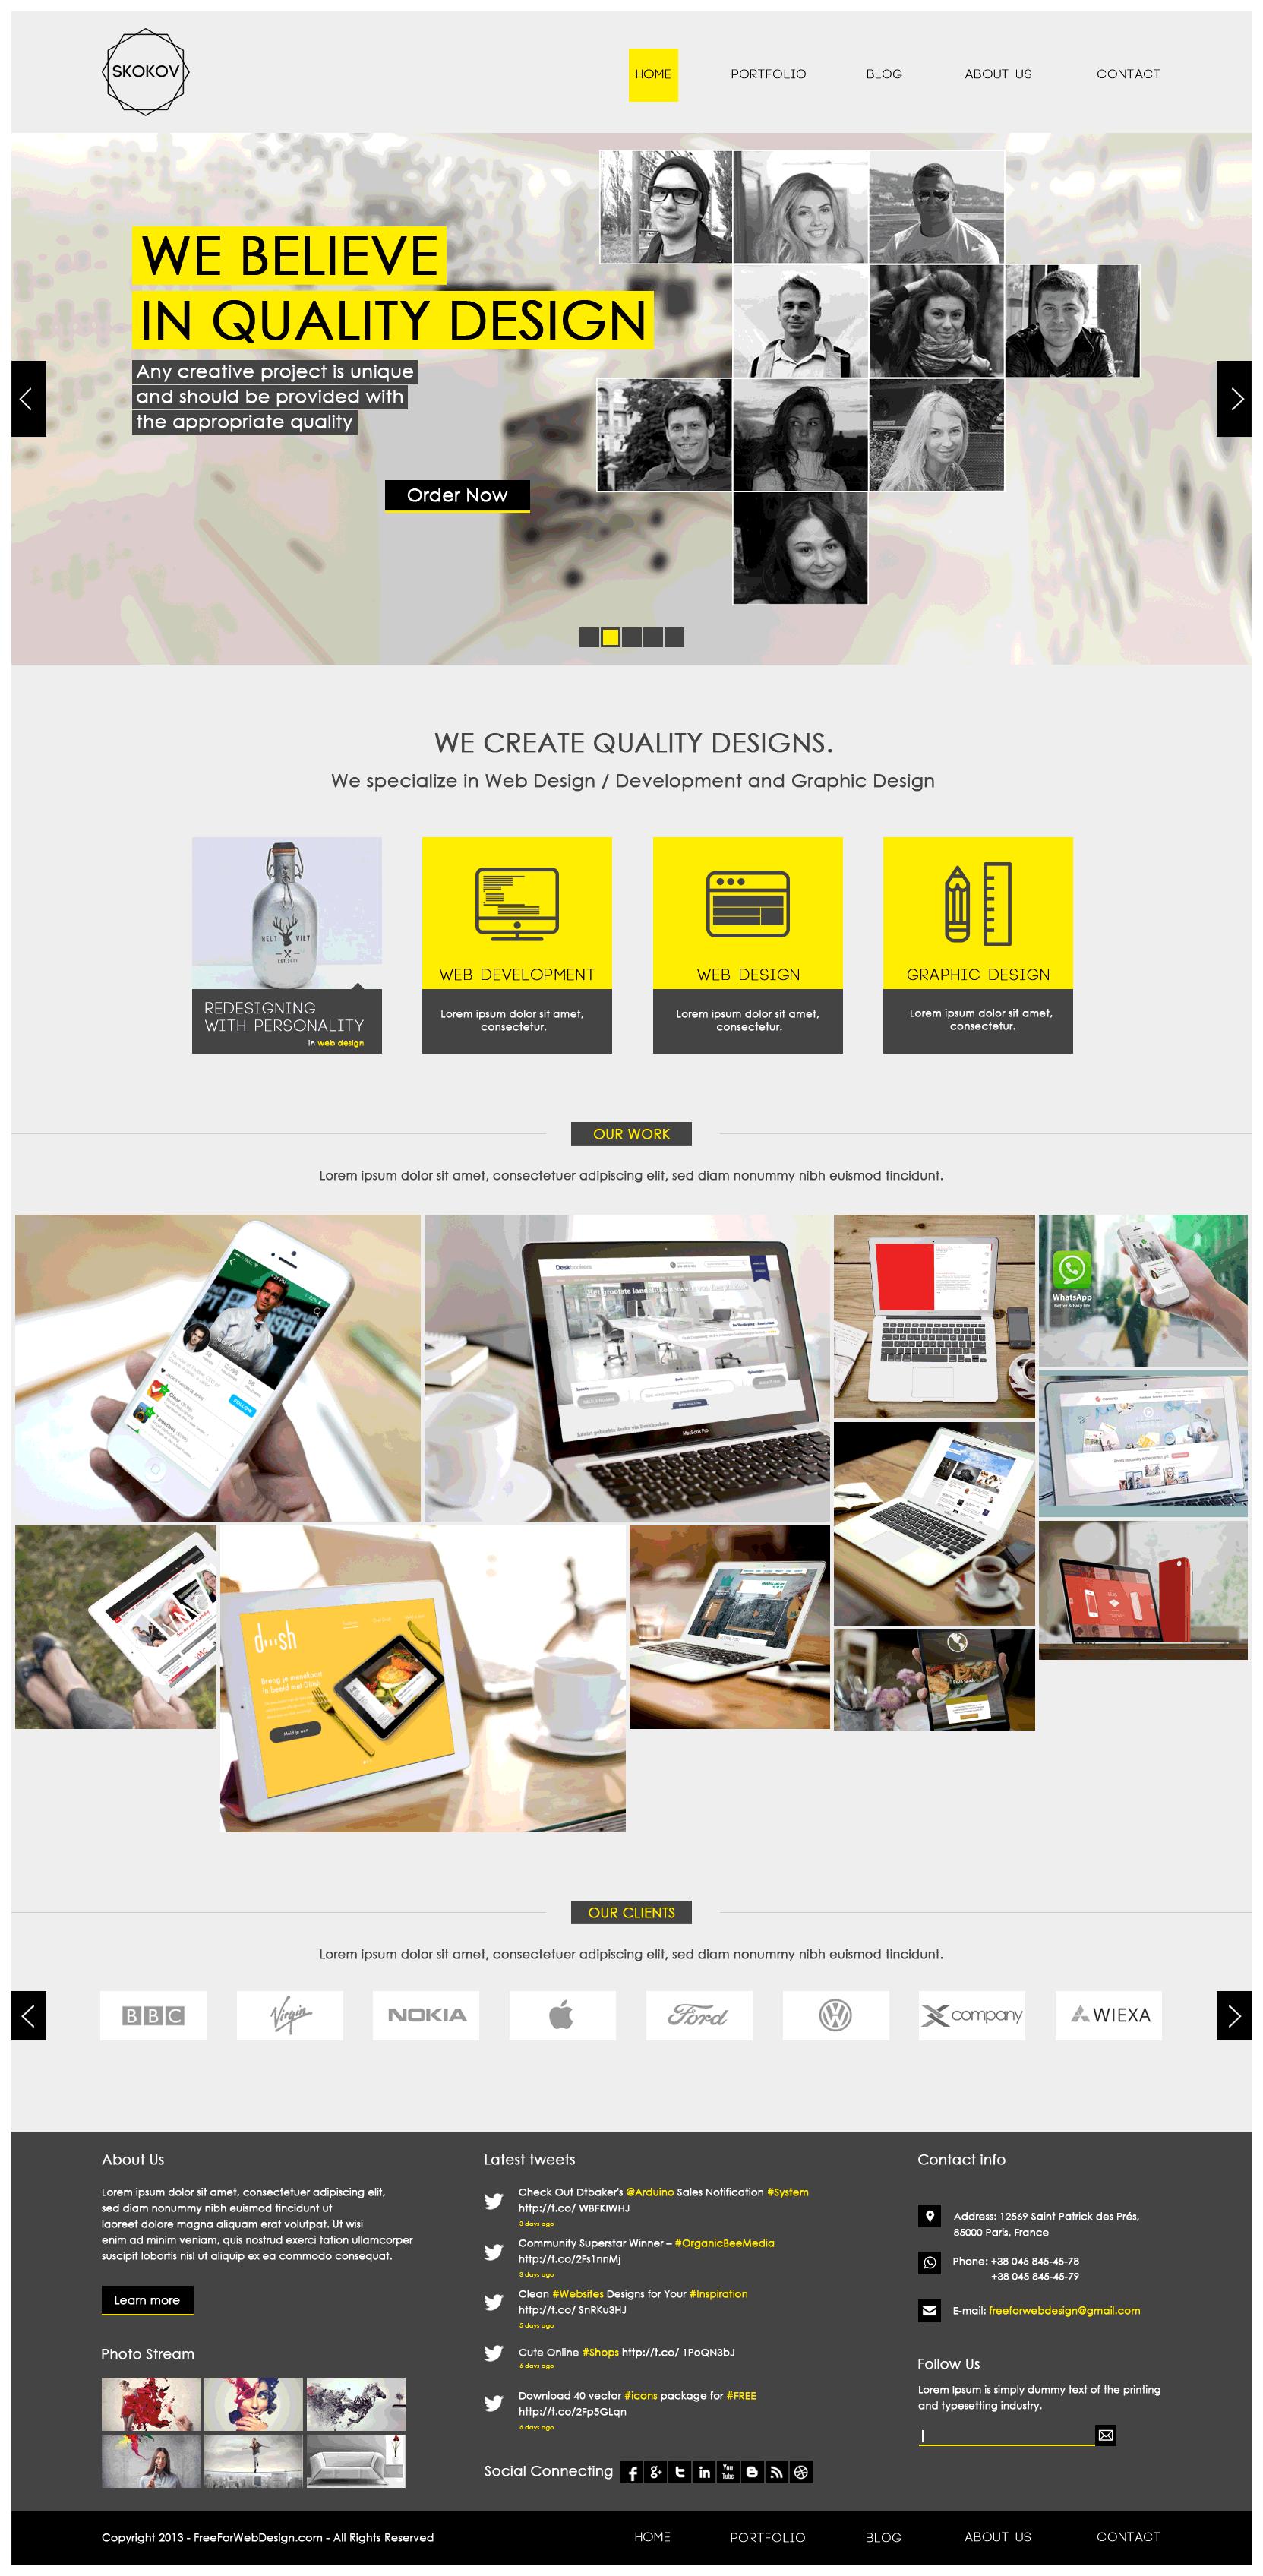 Как сделать галерею изображений на сайте